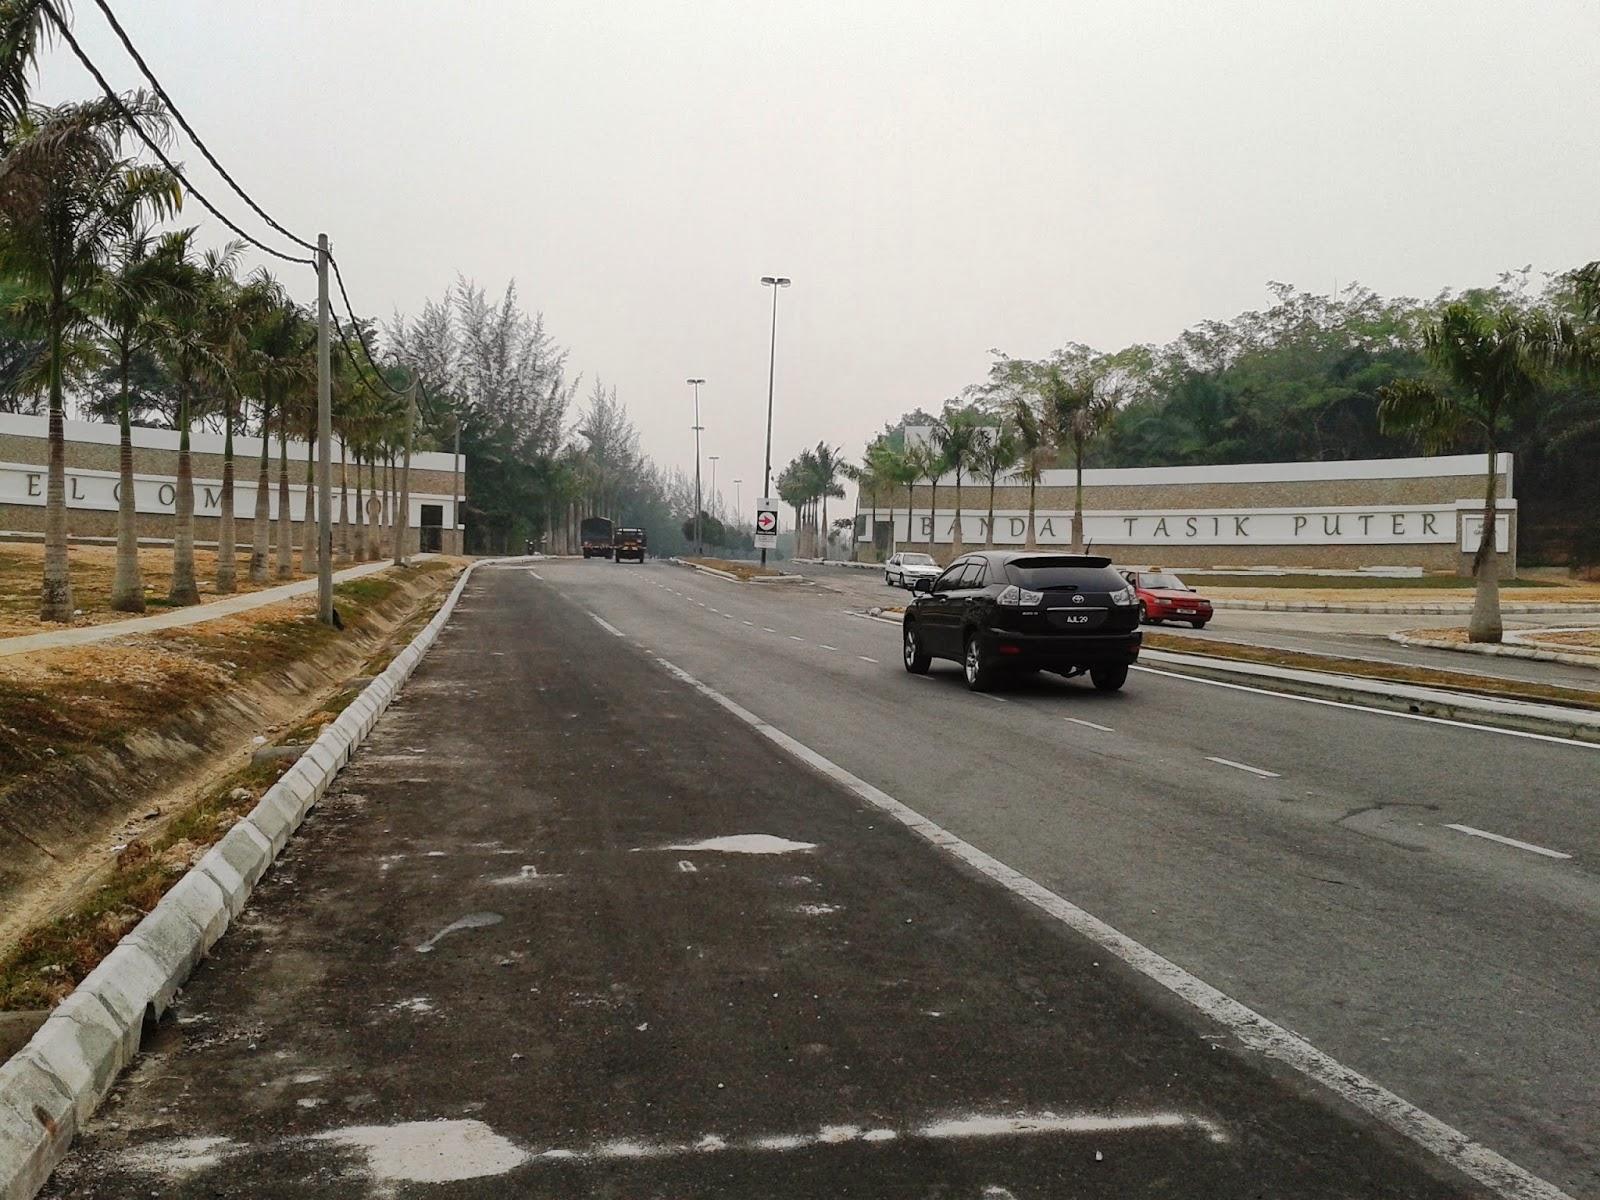 Bandar Tasik Puteri, Rawang